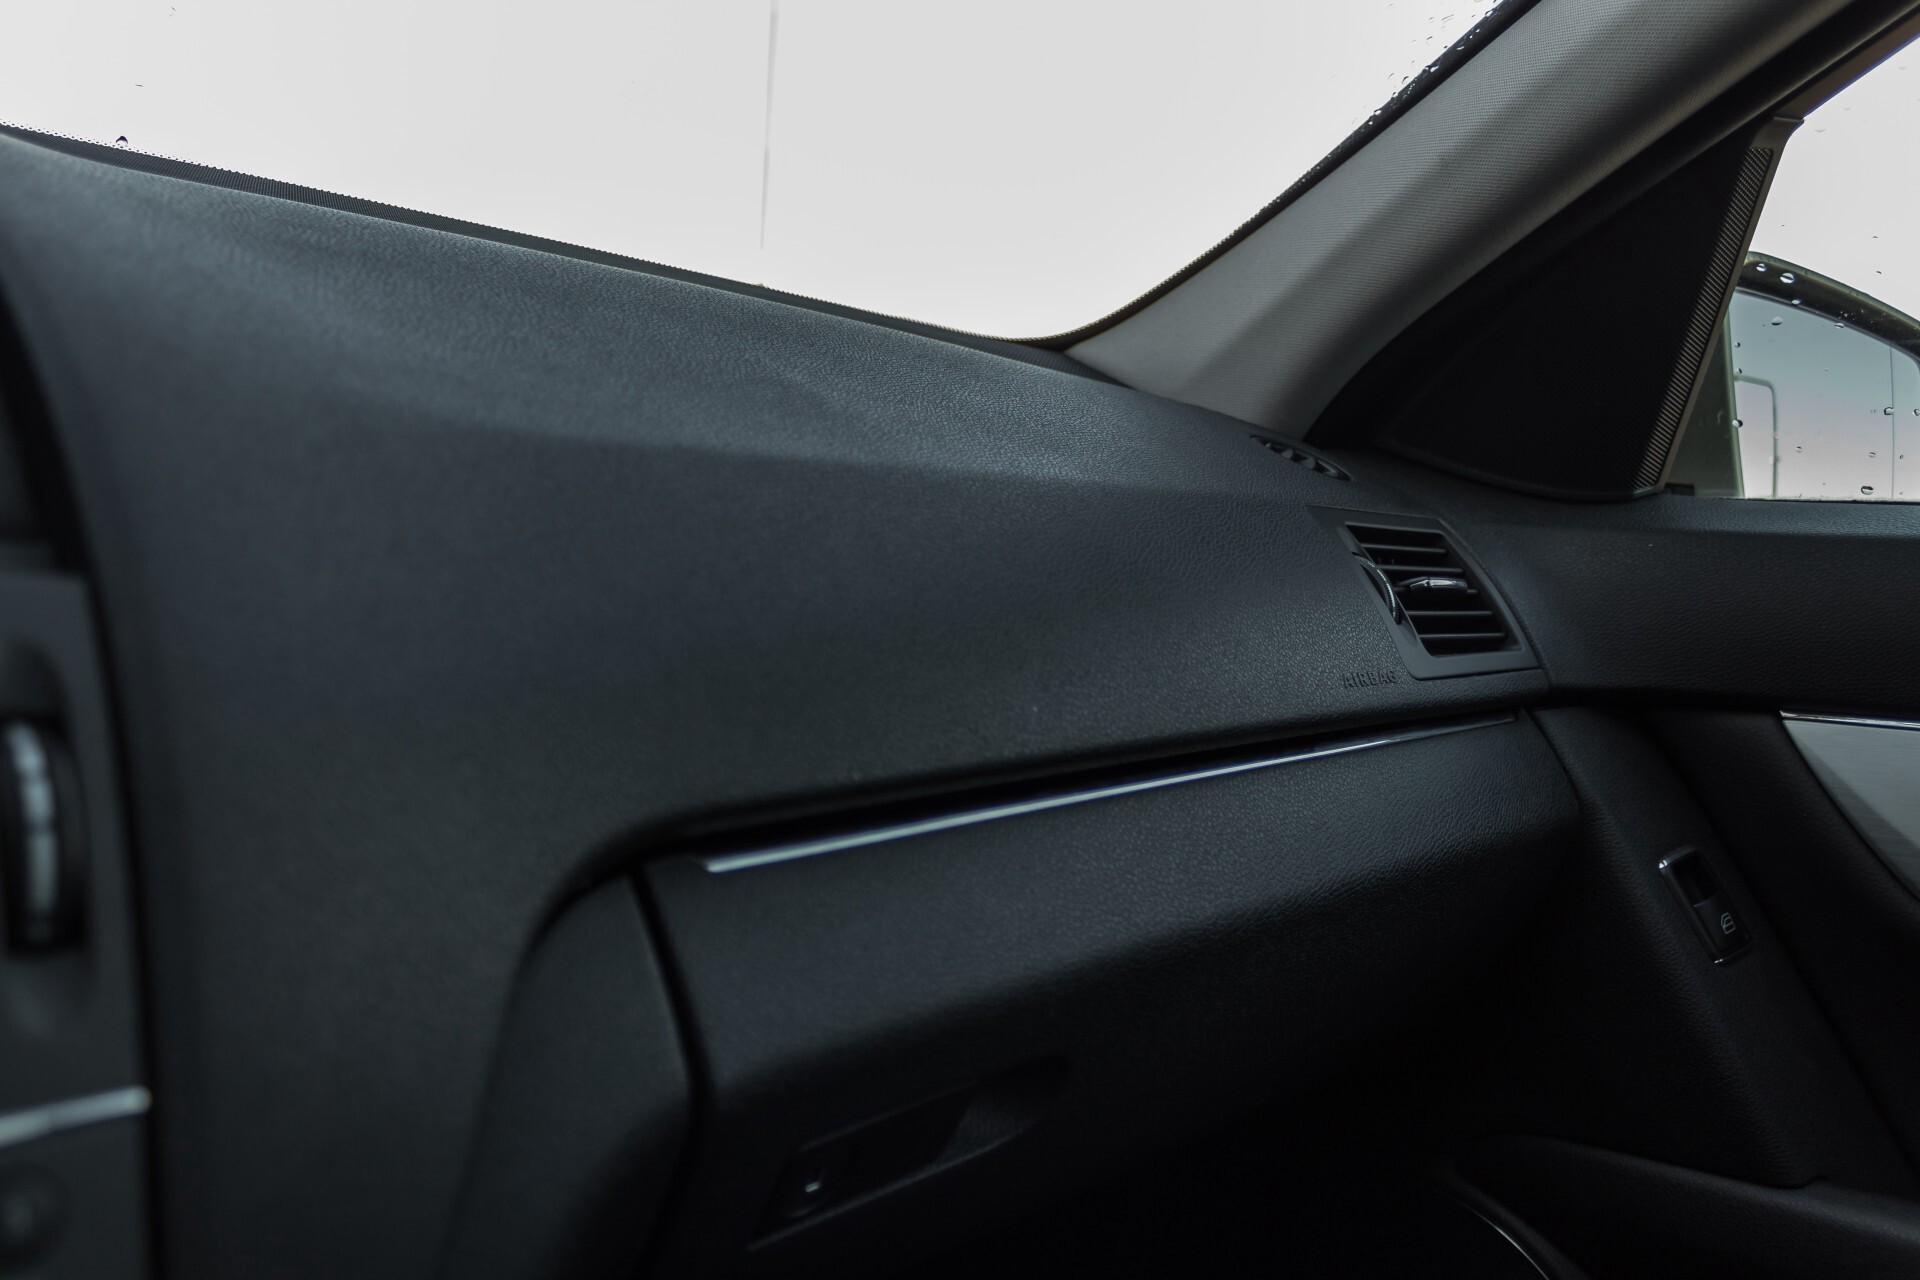 Mercedes-Benz C-Klasse 180 K Avantgarde 1ste eigenaar/NL geleverd/Dealer onderhouden/Volledig gedocumenteerd Foto 20